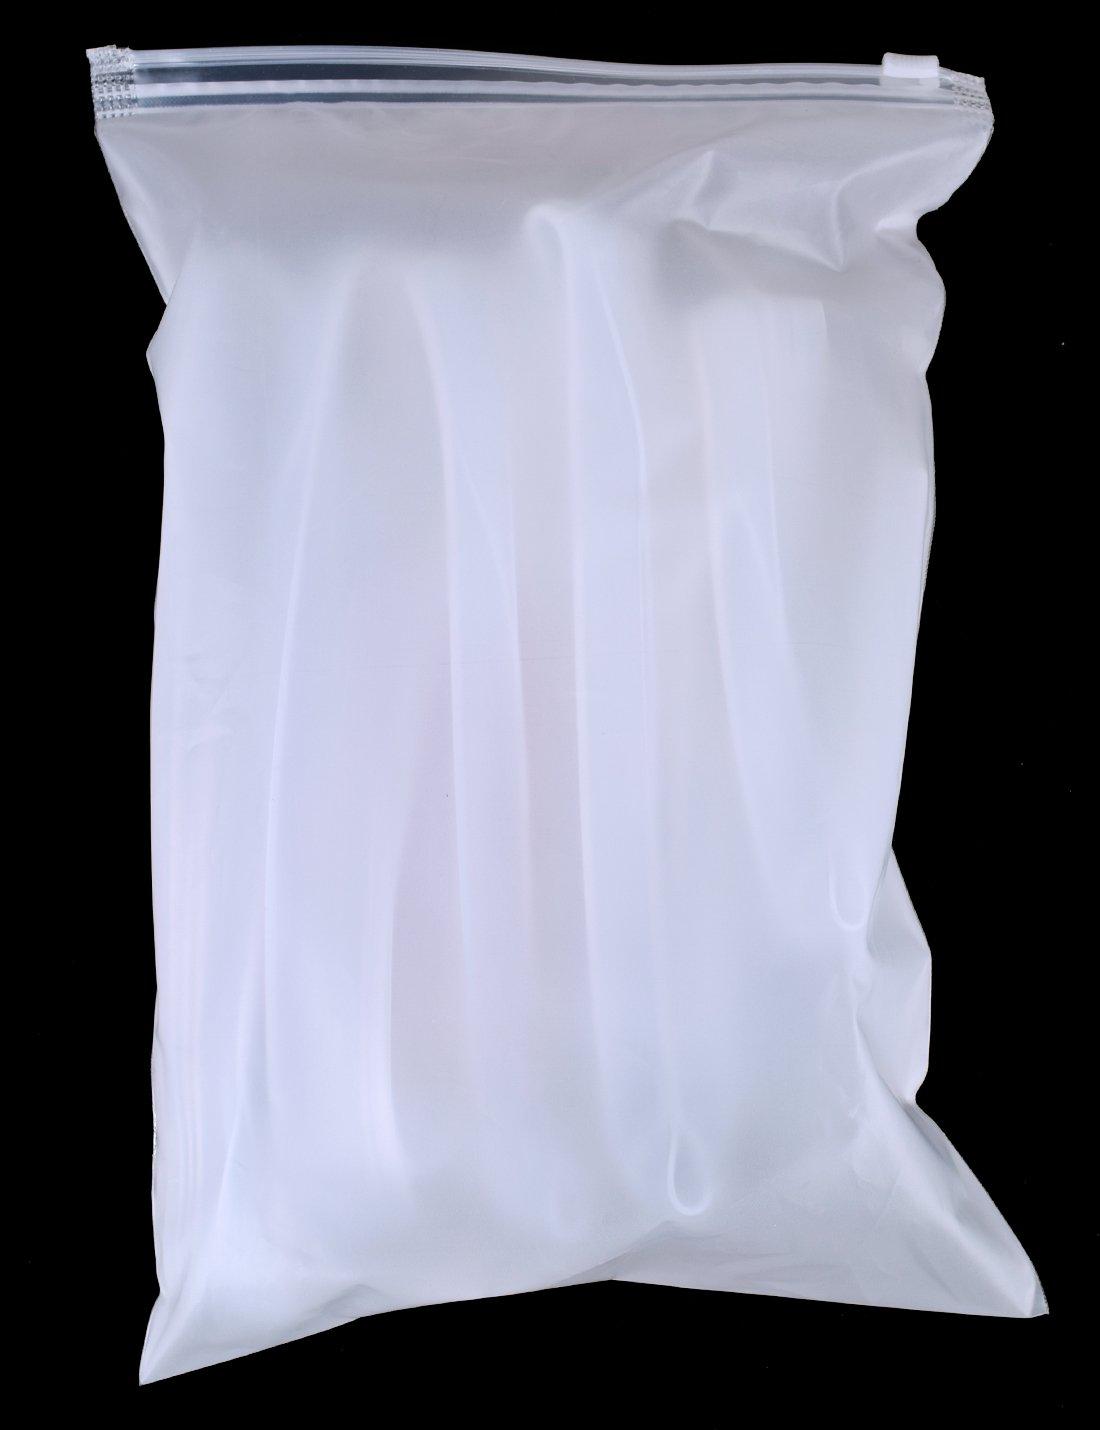 HUAHA Frameless Flexible Shower Corner Image 3